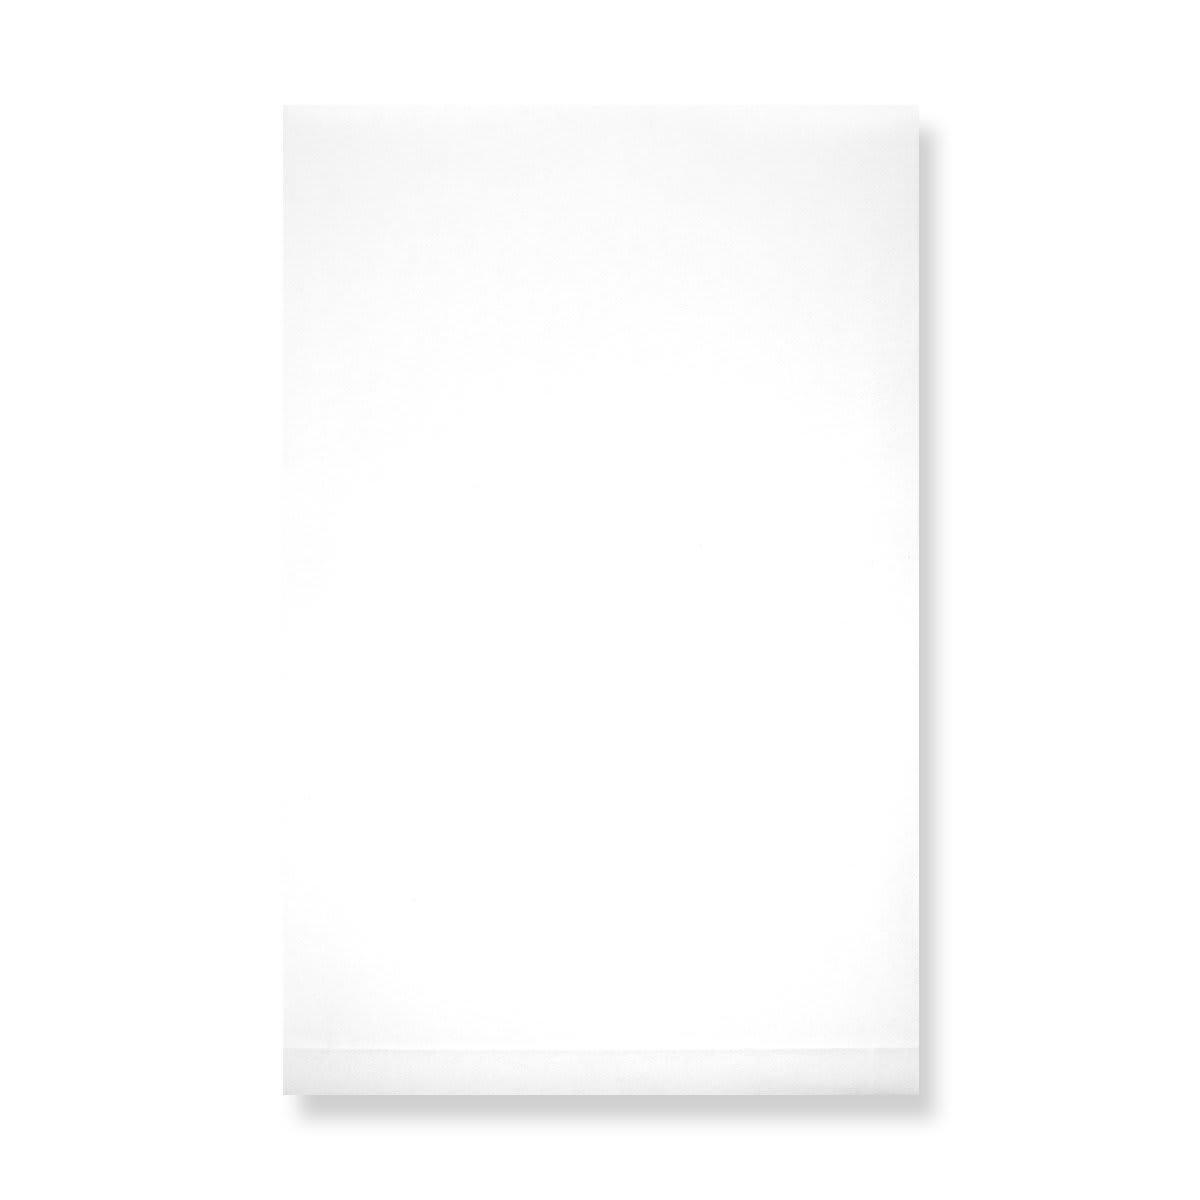 C4 WHITE TYVEK GUSSET ENVELOPES